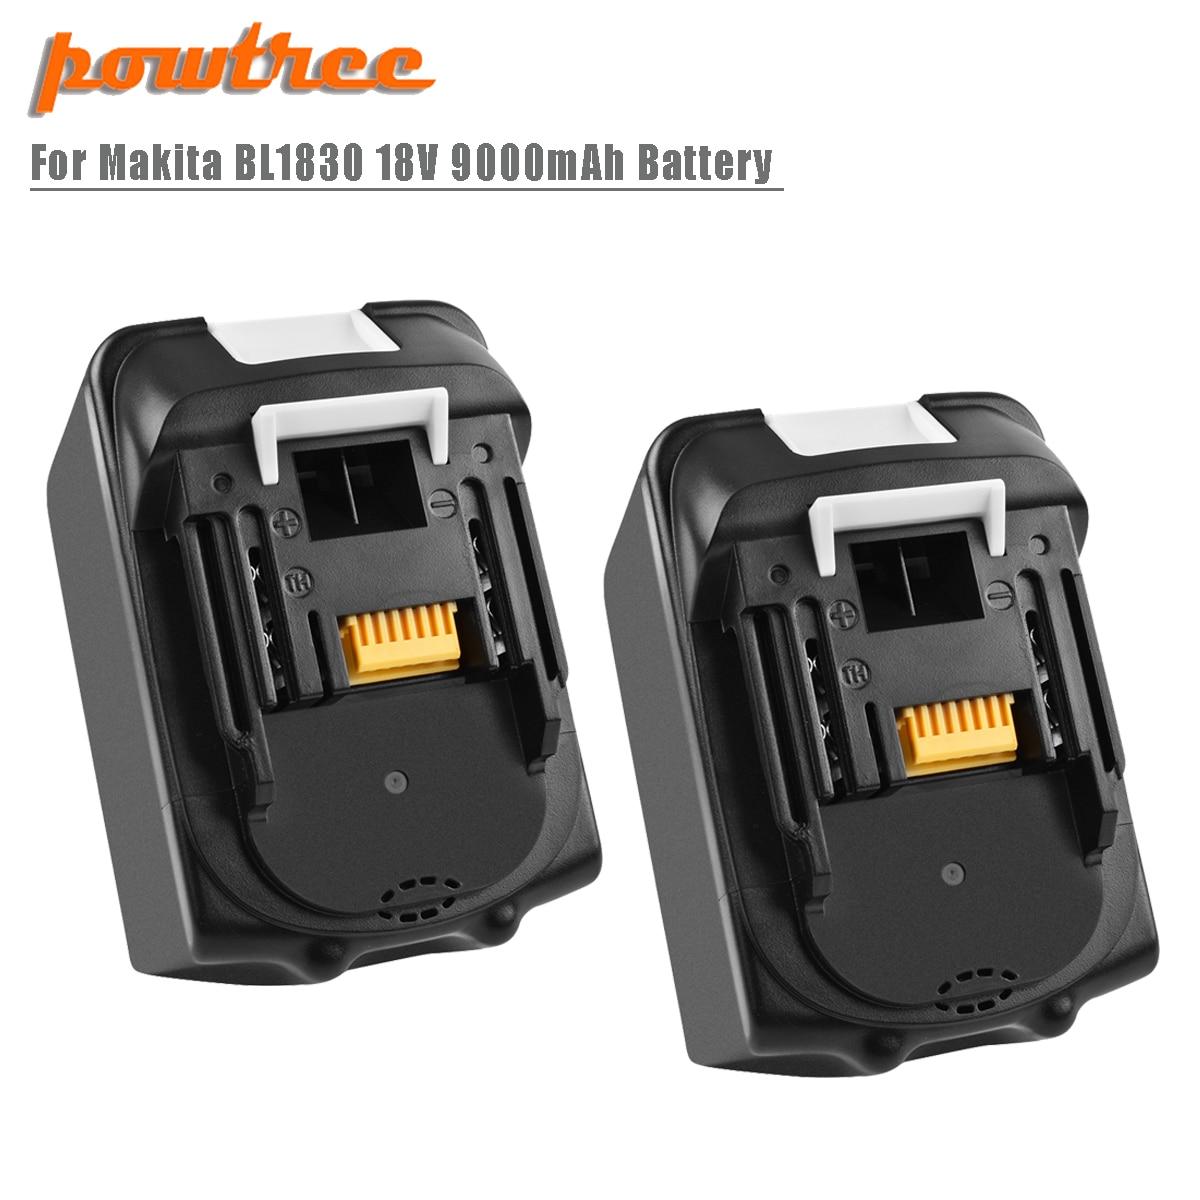 Powtree para Makita de alta capacidad 9000mAh BL1830 de reemplazo de la batería de litio LXT400 BL1815 BL1840 BL1850 BL1860 L30